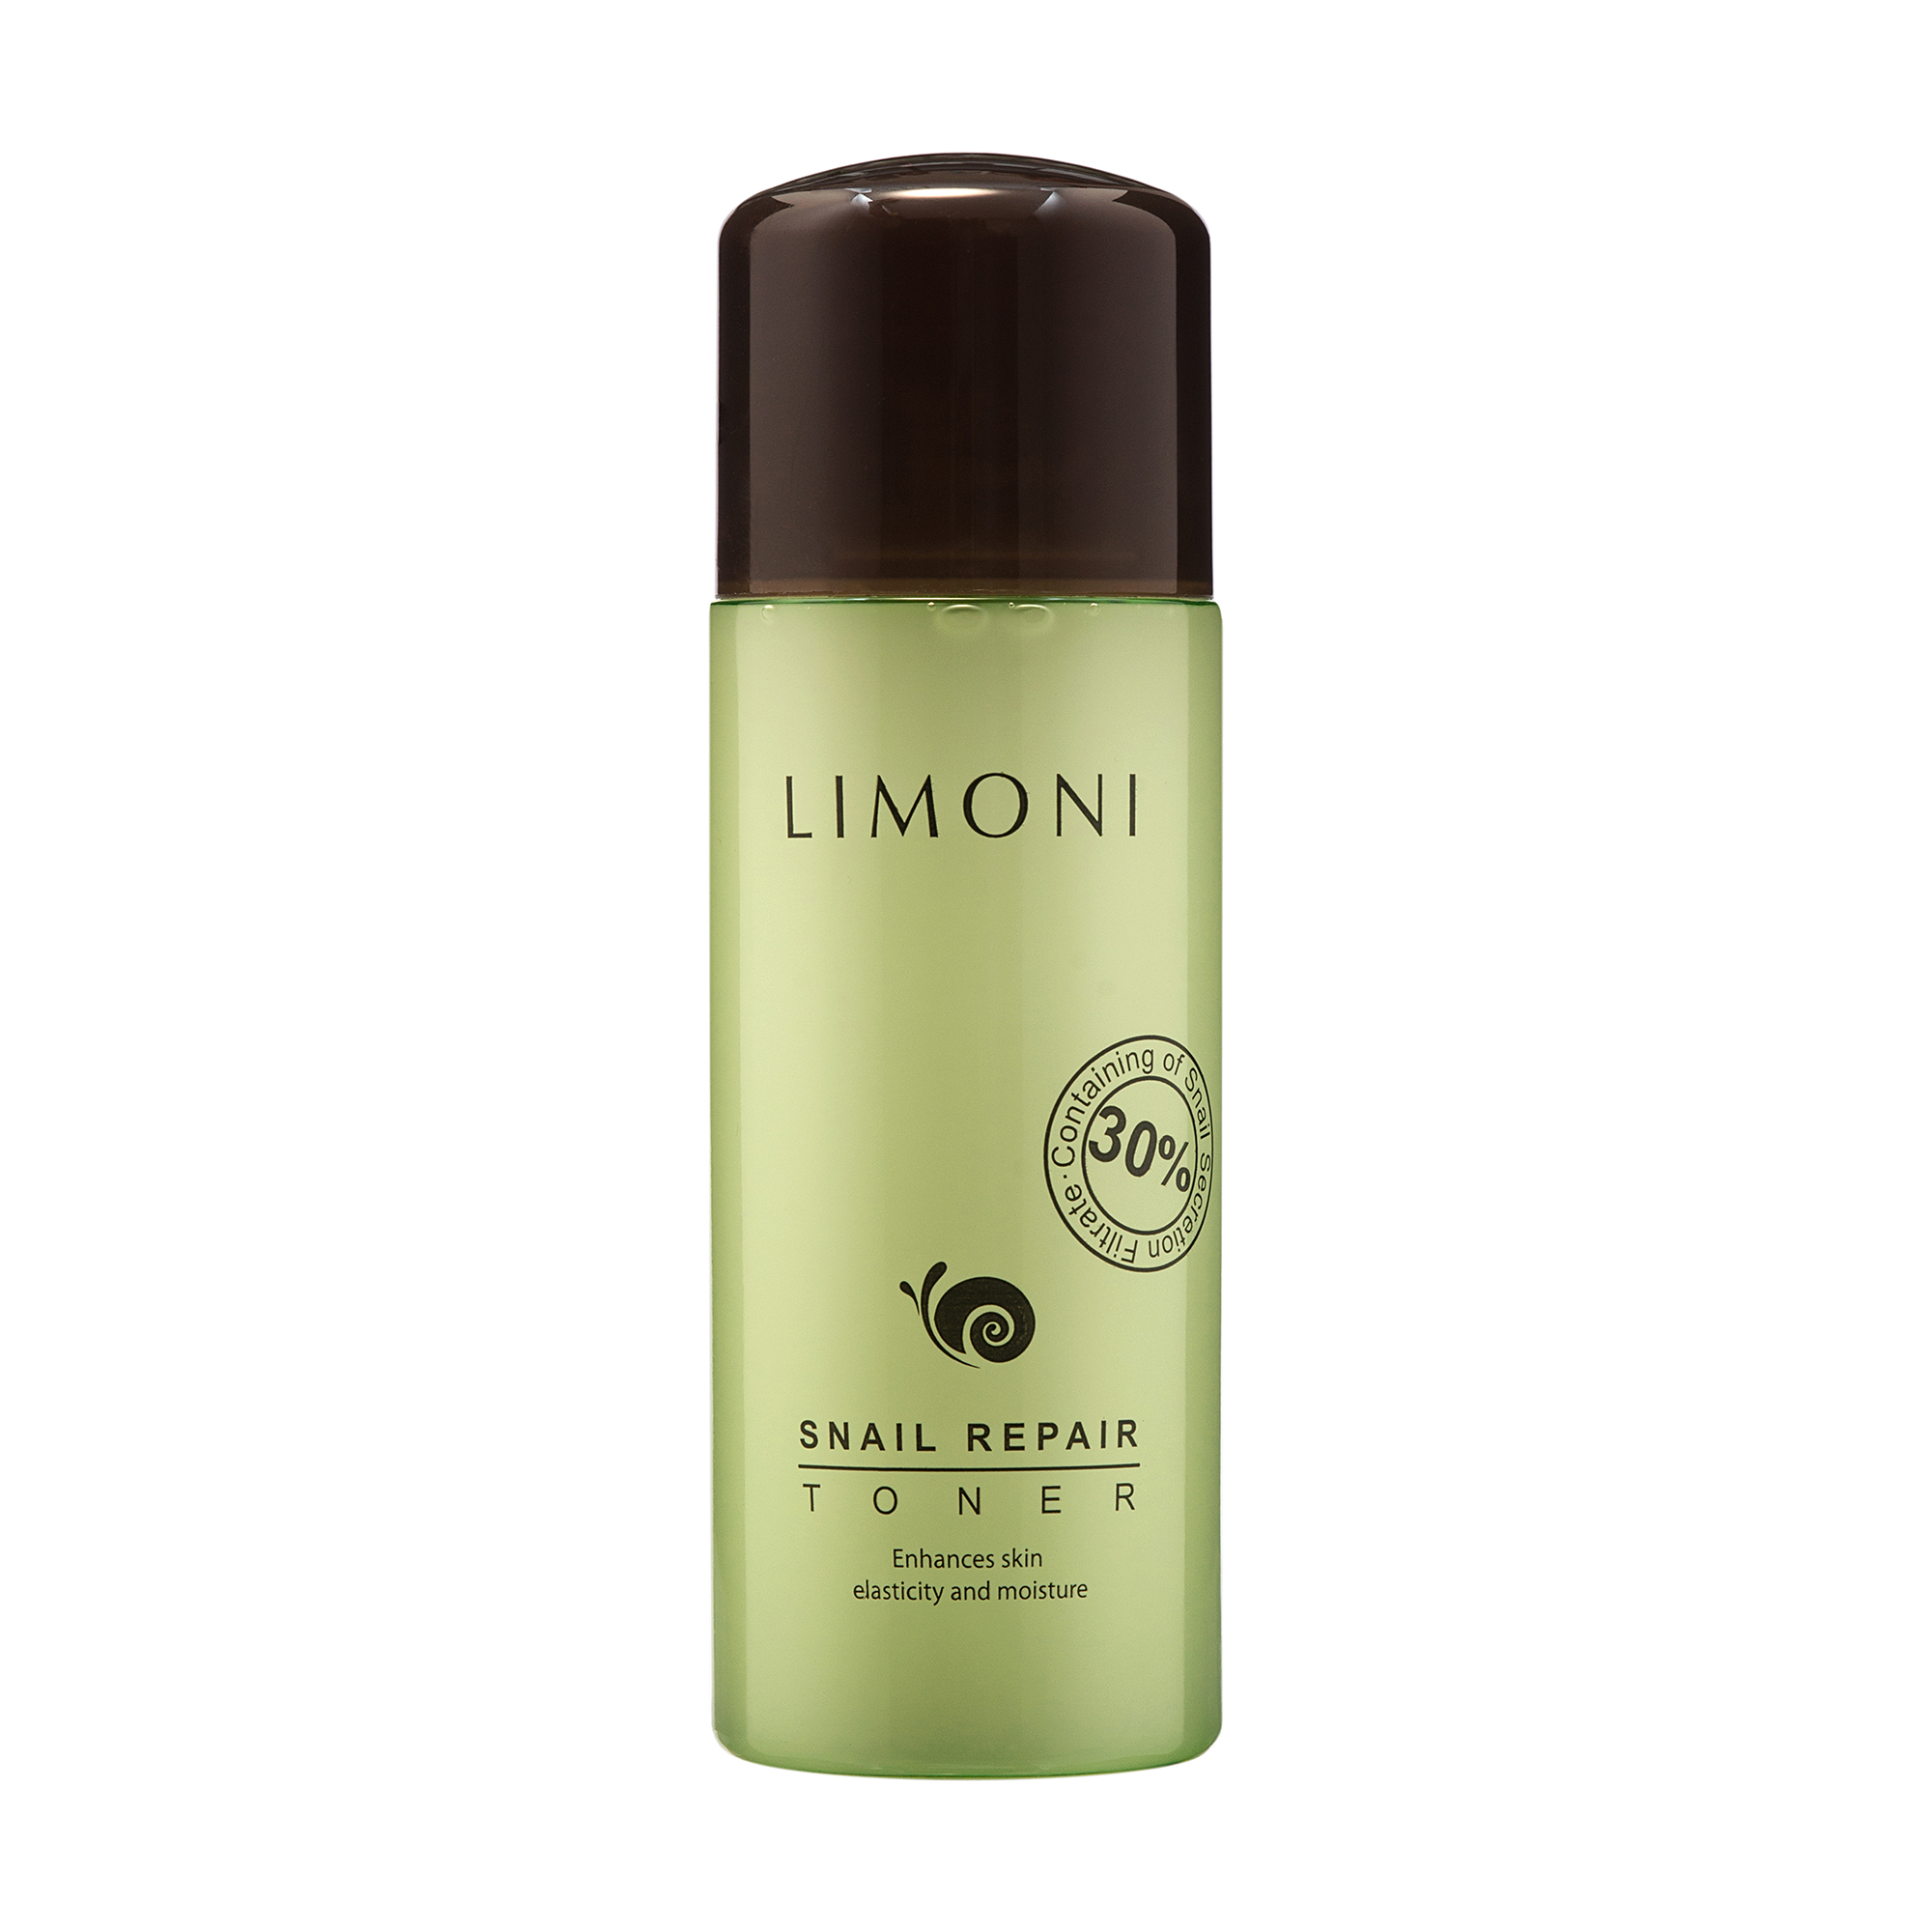 LIMONI Тоник восстанавливающий с экстрактом секреции улитки / SNAIL REPAIR 150 млТоники<br>Восстанавливающий тоник содержит до 30% экстракта слизи улитки, которая направлена на регенерацию клеток кожи. Предназначен для ежедневного мягкого отшелушивания и очищения кожи. Тоник ускоряет обновление верхнего слоя кожи, выравнивает текстуру, устраняет черные точки и предотвращает закупорку пор, смягчает кожу, уменьшает пигментацию, регулирует кислотно-щелочной баланс кожи. Убирает чувство стянутости после умывания. Тоник бережно очищает кожу лица и улучшает проникновение нанесенных следом уходовых средств (сывороток, кремов). Активные ингредиенты: Экстракт секреции улитки   активно способствует сужению пор, заживлению рубцов и шрамов, повышает защитную функцию кожи. Гидрогенизированный лицетин   активизирует липидный обмен в коже, смягчает ее, оптимизирует функцию сальных желез. Способствует восстановлению барьерных функций кожи и препятствует испарению влаги из глубоких слоев. Трипептид меди 1 при взаимодействии с аденозином   восстанавливает клетки кожи, разглаживая мелкие морщинки. Растительные экстракты (полыни горькой, цветов арники горной, корня горечавки, тысячелистника)   успокаивают раздраженную, чувствительную кожу, уменьшают воспаления, оказывают антибактериальное действие, защищают клетки кожи от воздействия свободных радикалов и замедляют процессы старения. Способ применения: после этапа очищения нанесите небольшое количество тоника на ватный диск, протрите лицо по массажным линиям, от центра к краям, избегая области губ и глаз. Рекомендуется применять ежедневно, утром и вечером.<br>